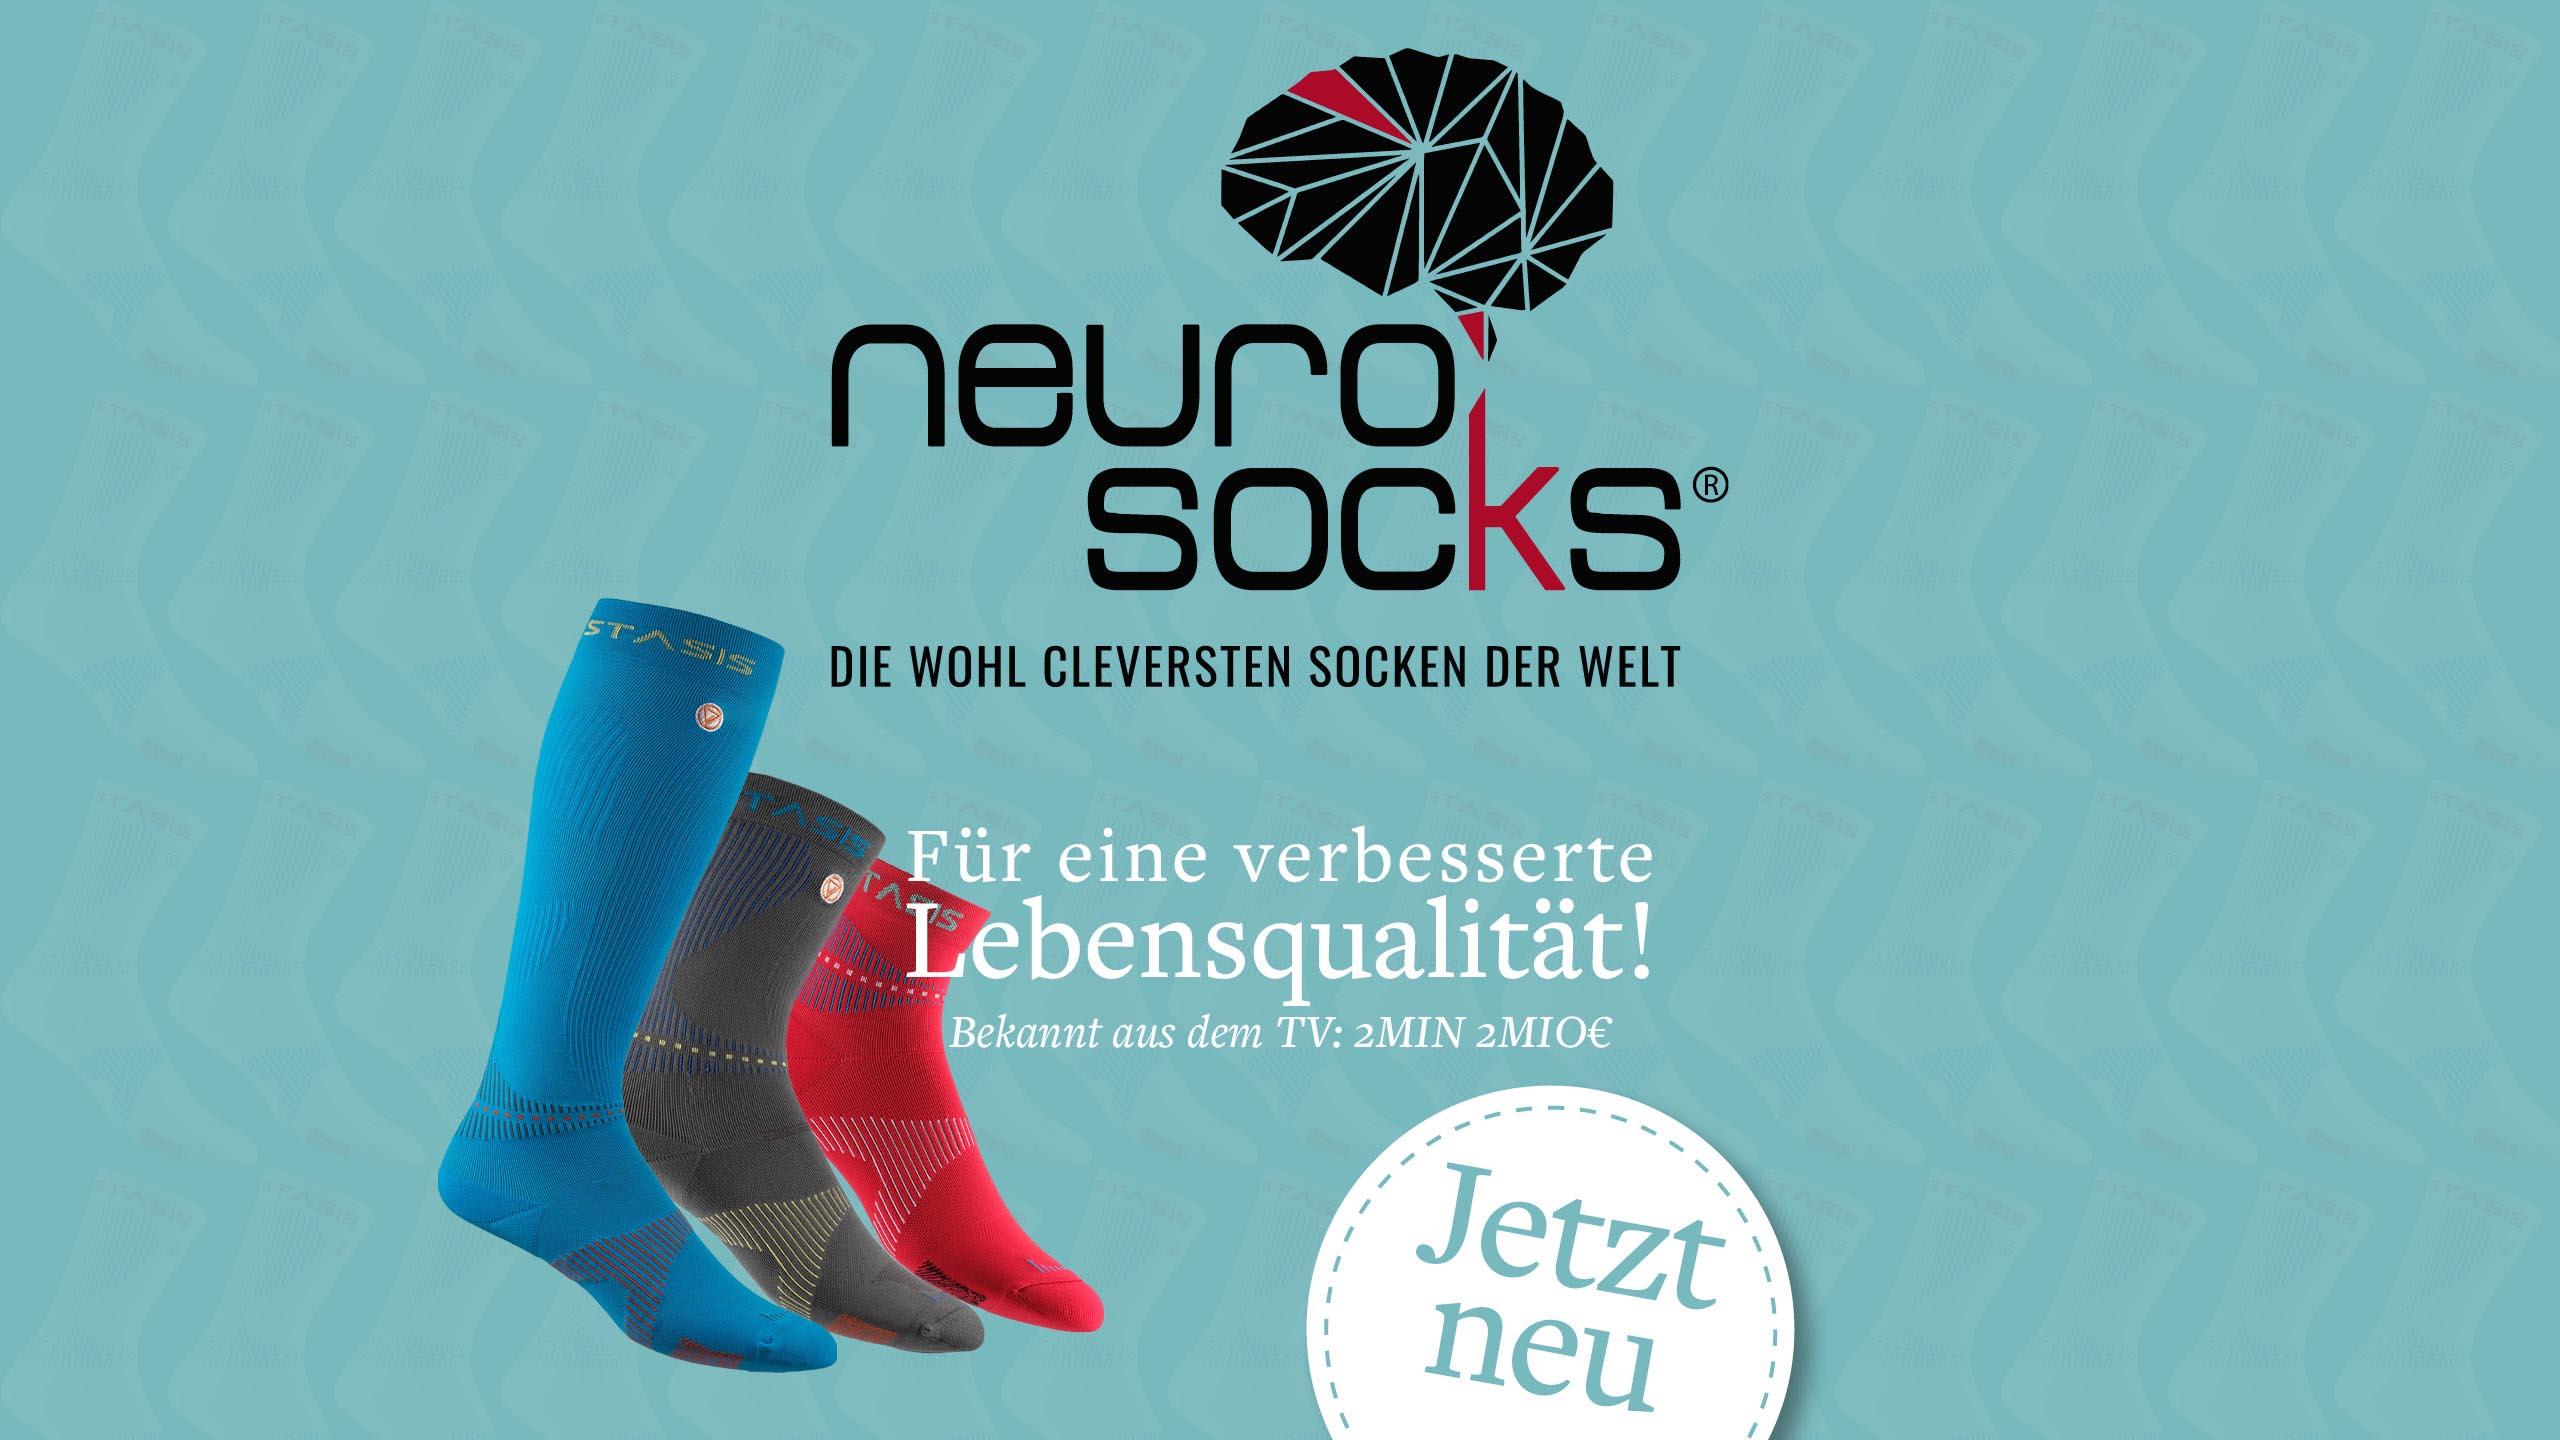 Neurosocks jetzt bei Schilling-Therapiezentrum, Stallhofen, Voitsberg erhältlich